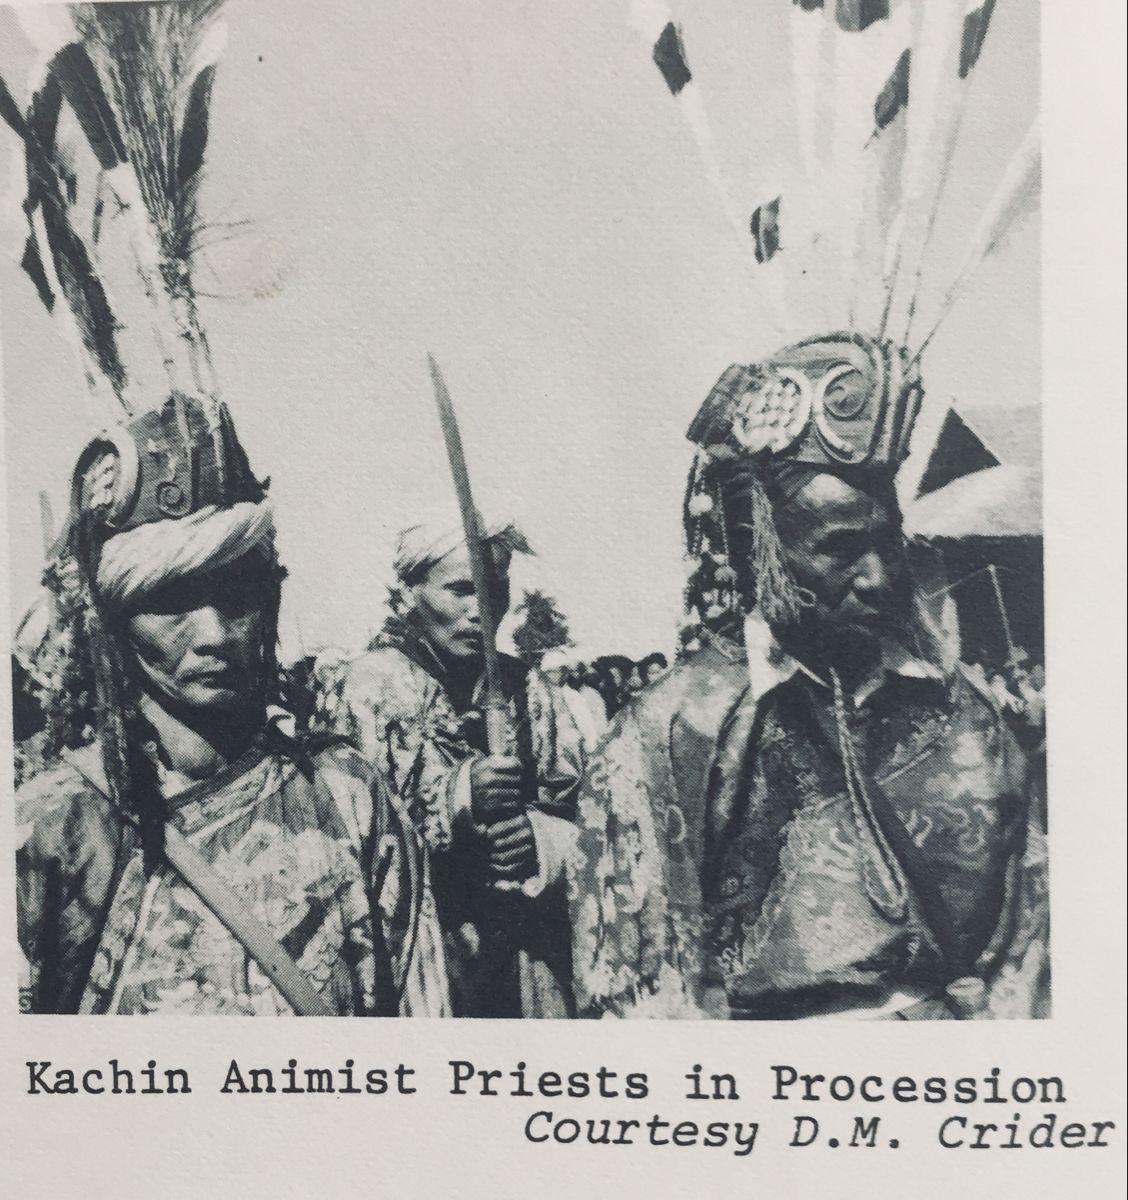 Pin on Kachin state,Northern Shan state(Kachin sub state)